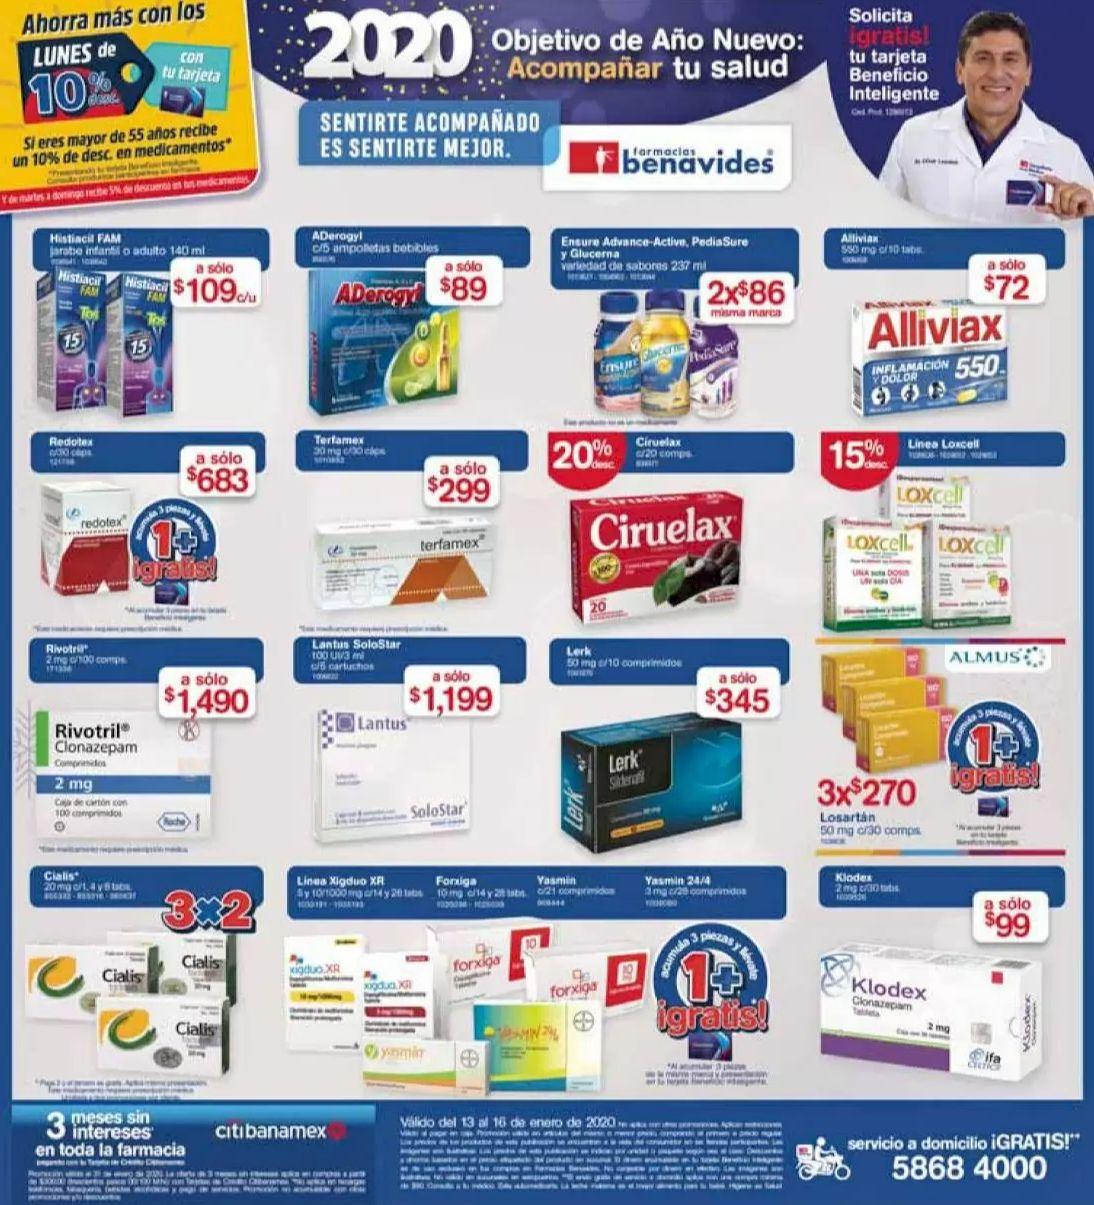 Farmacias Benavides: Ofertas vigentes al Jueves 16 de Enero